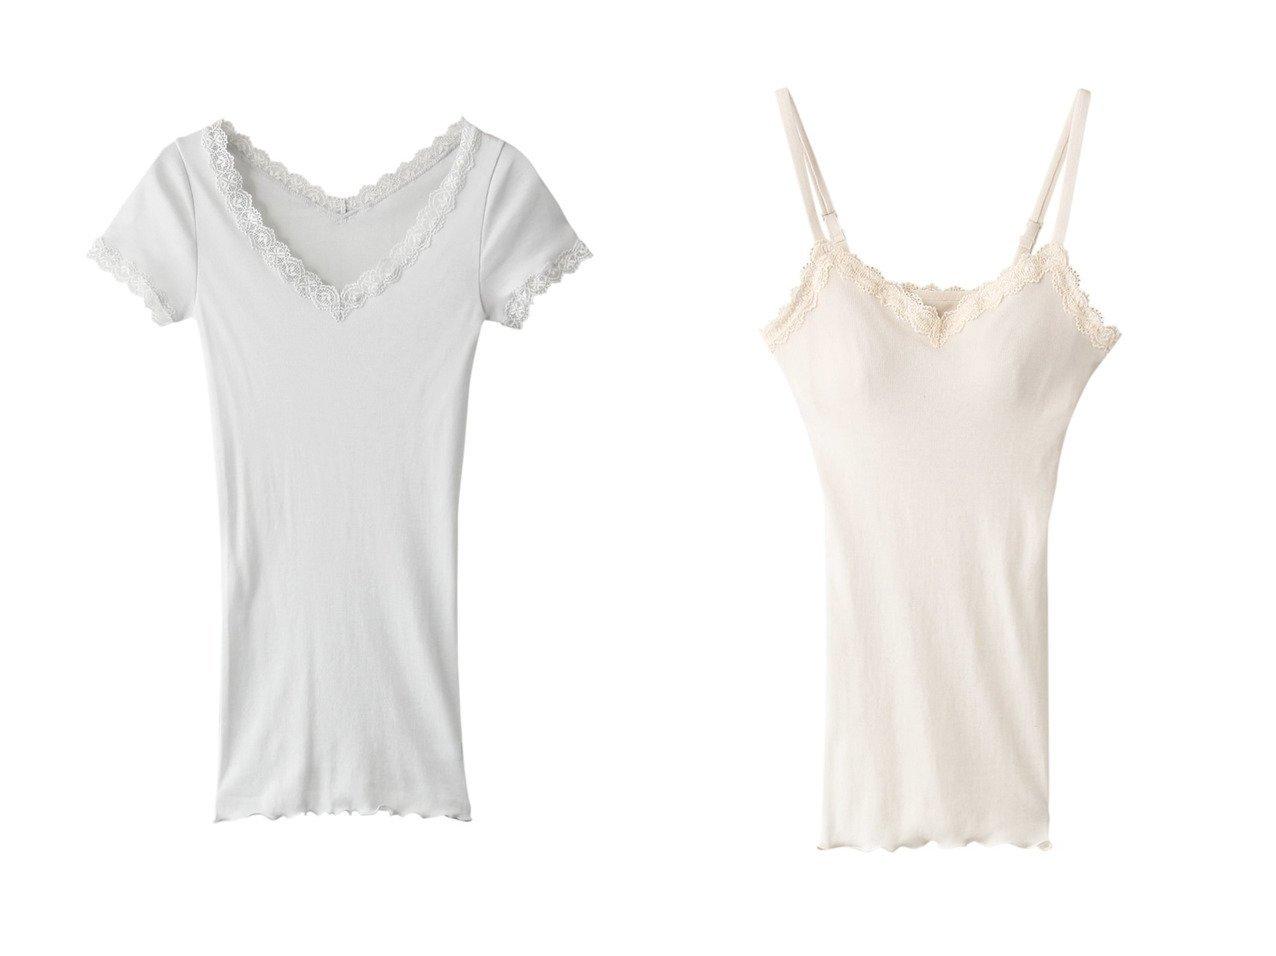 【KID BLUE/キッドブルー】の21コットンフライス半袖インナー&21コットンフライスカップ付キャミ 【ルームウェア・リラックススタイル】おすすめ!人気、トレンド・レディースファッションの通販   おすすめで人気の流行・トレンド、ファッションの通販商品 インテリア・家具・メンズファッション・キッズファッション・レディースファッション・服の通販 founy(ファニー) https://founy.com/ ファッション Fashion レディースファッション WOMEN トップス・カットソー Tops/Tshirt キャミソール / ノースリーブ No Sleeves おすすめ Recommend インナー シンプル セットアップ トリミング レース 半袖 キャミ キャミソール |ID:crp329100000040279